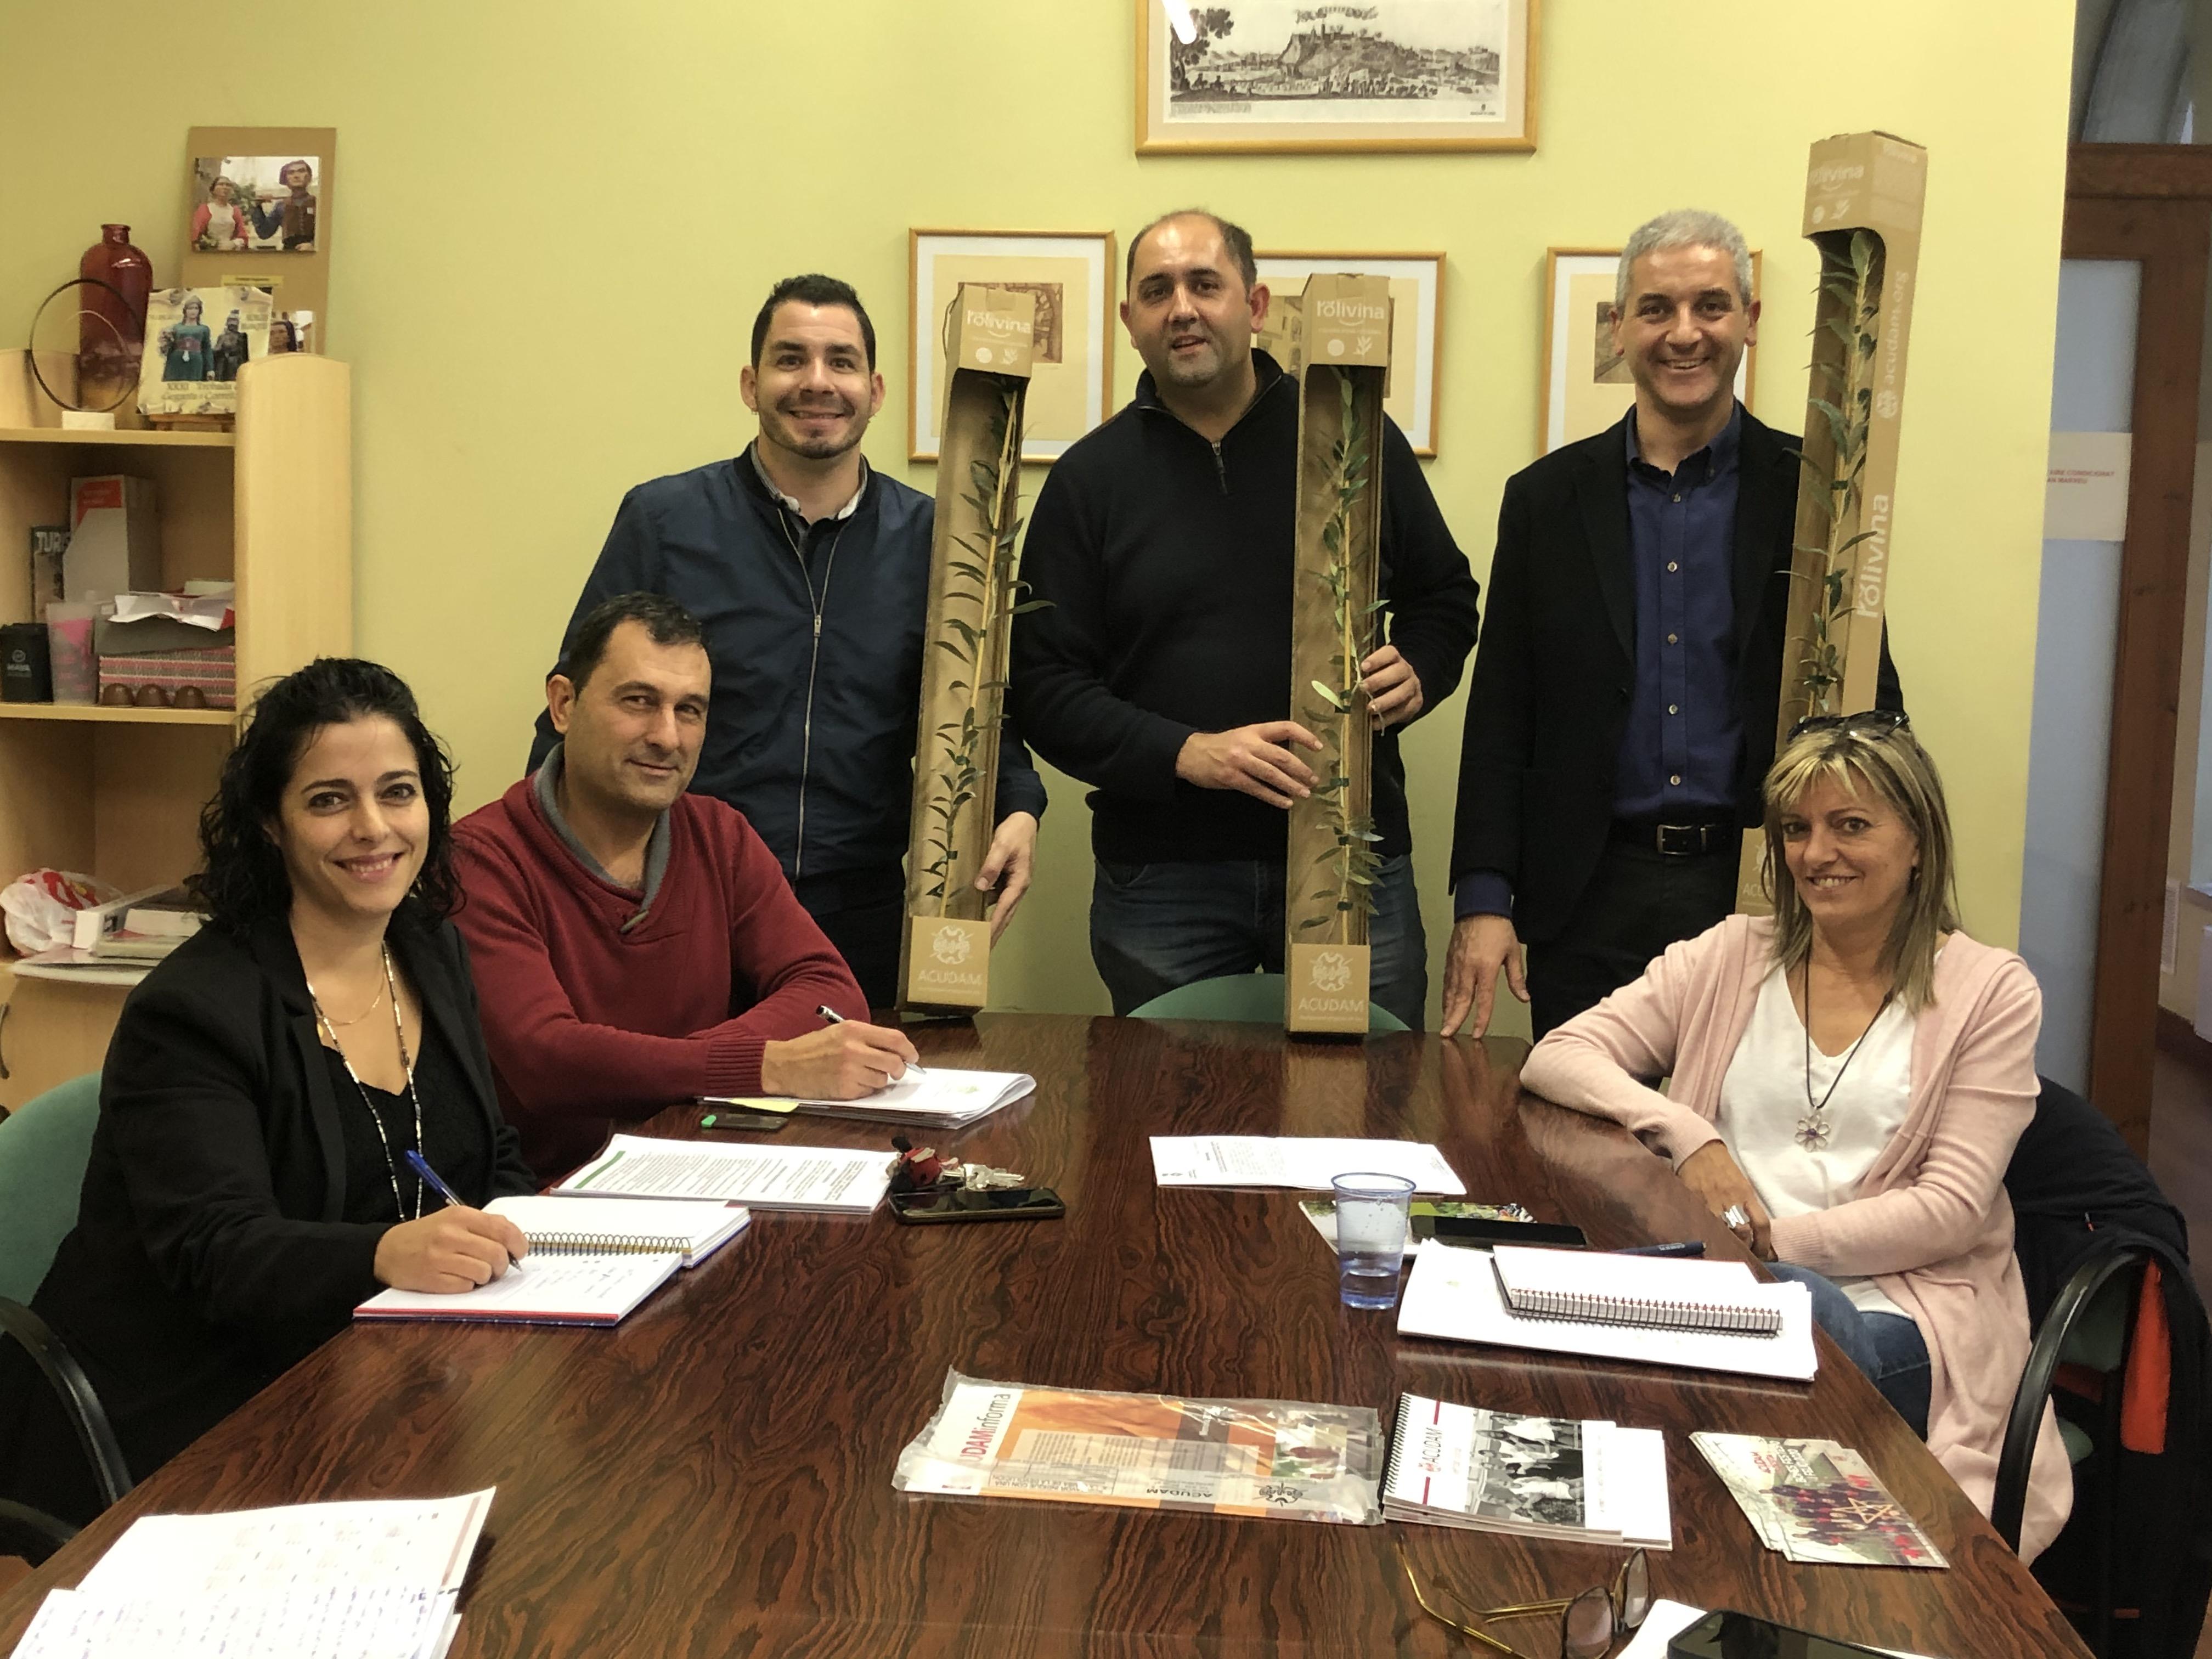 La 57a Fira de l'Oli i les Garrigues permetrà apadrinar oliveres als municipis afectats pels incendis i els aiguats d'aquest 2019